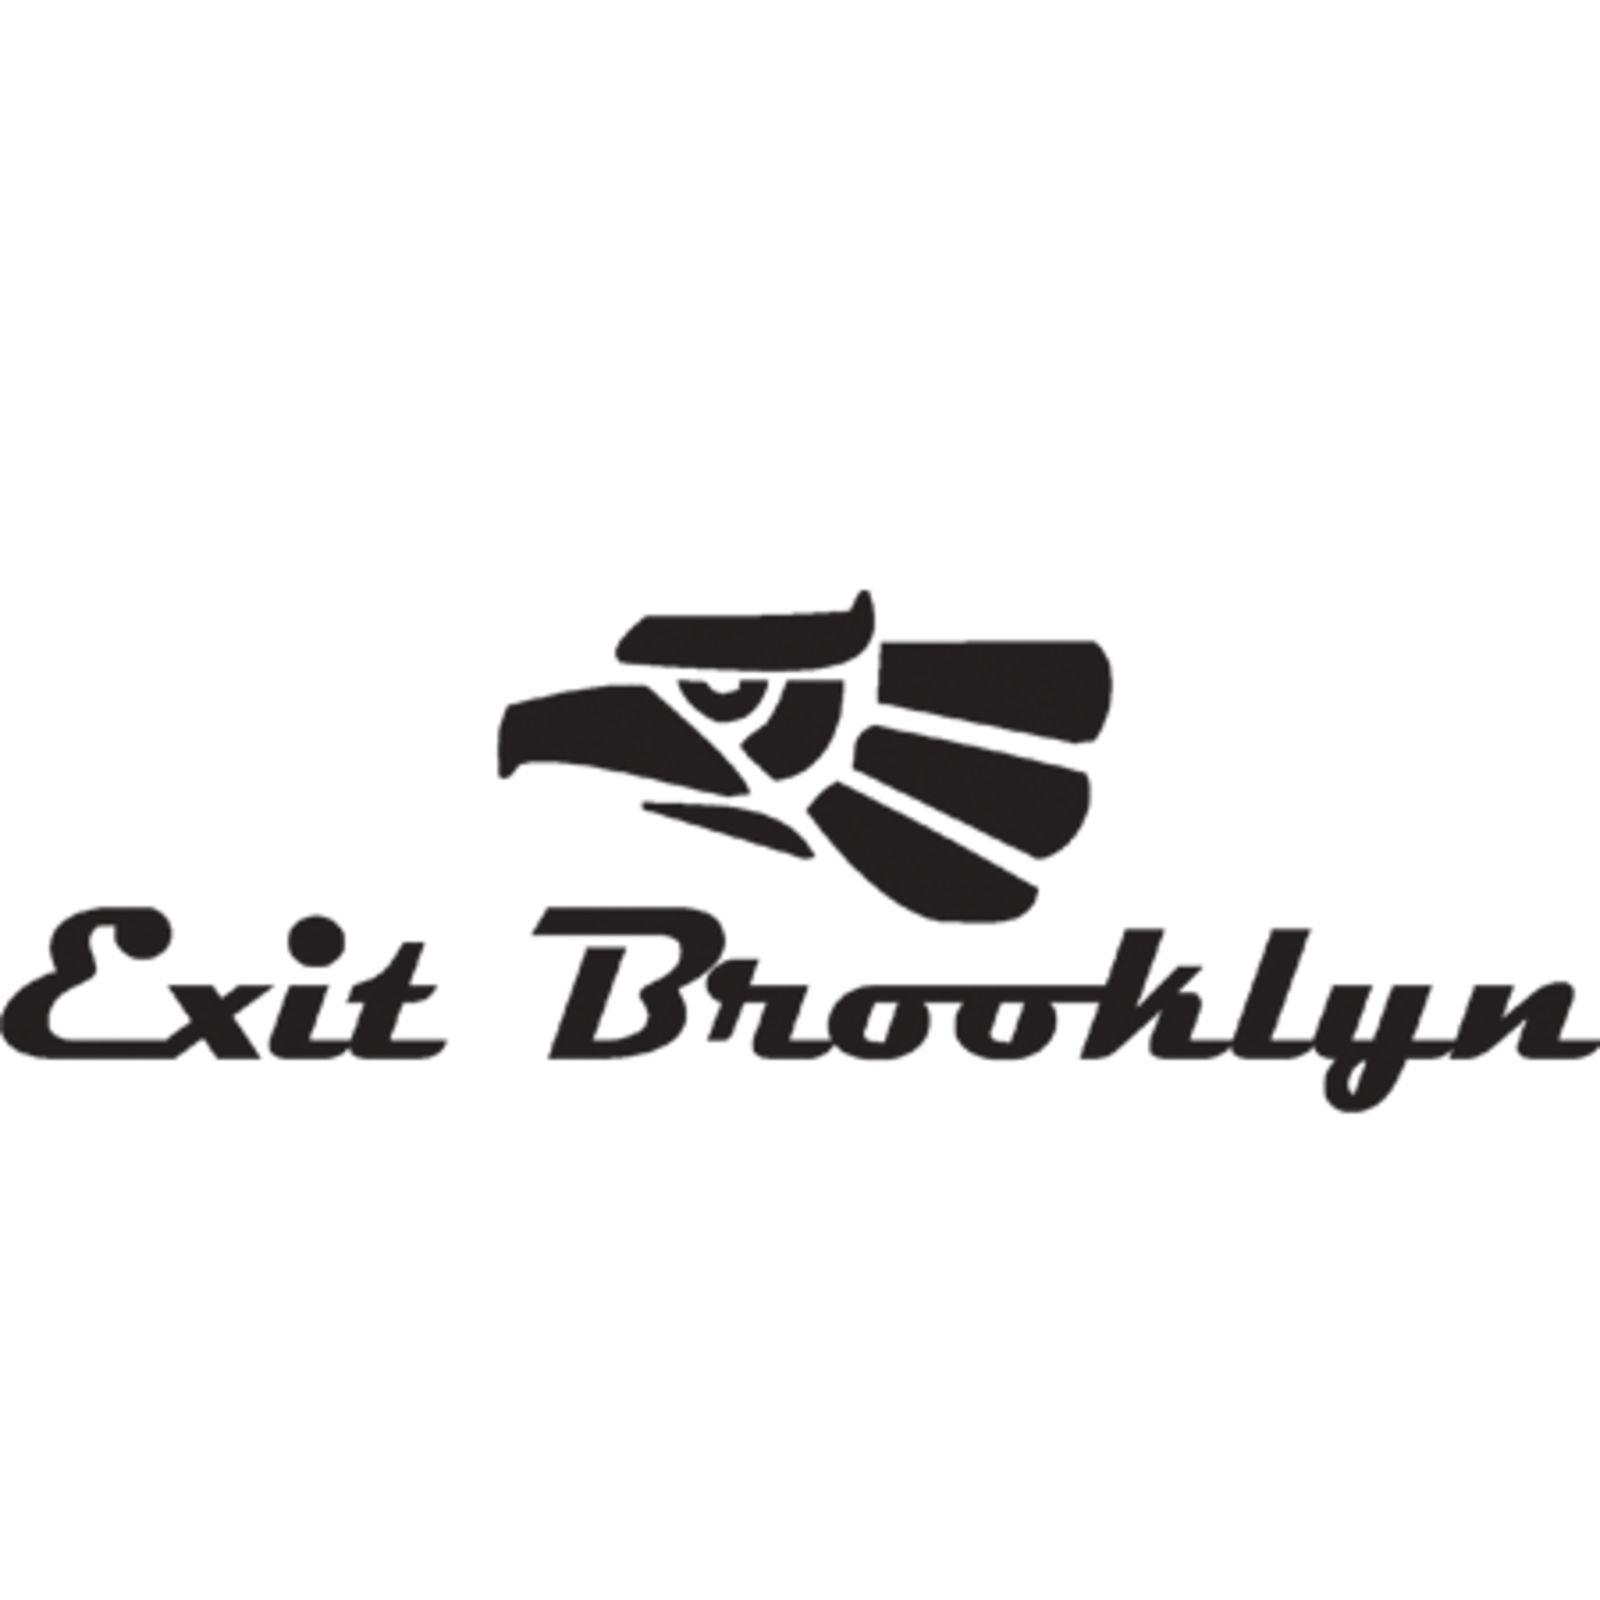 Exit Brooklyn